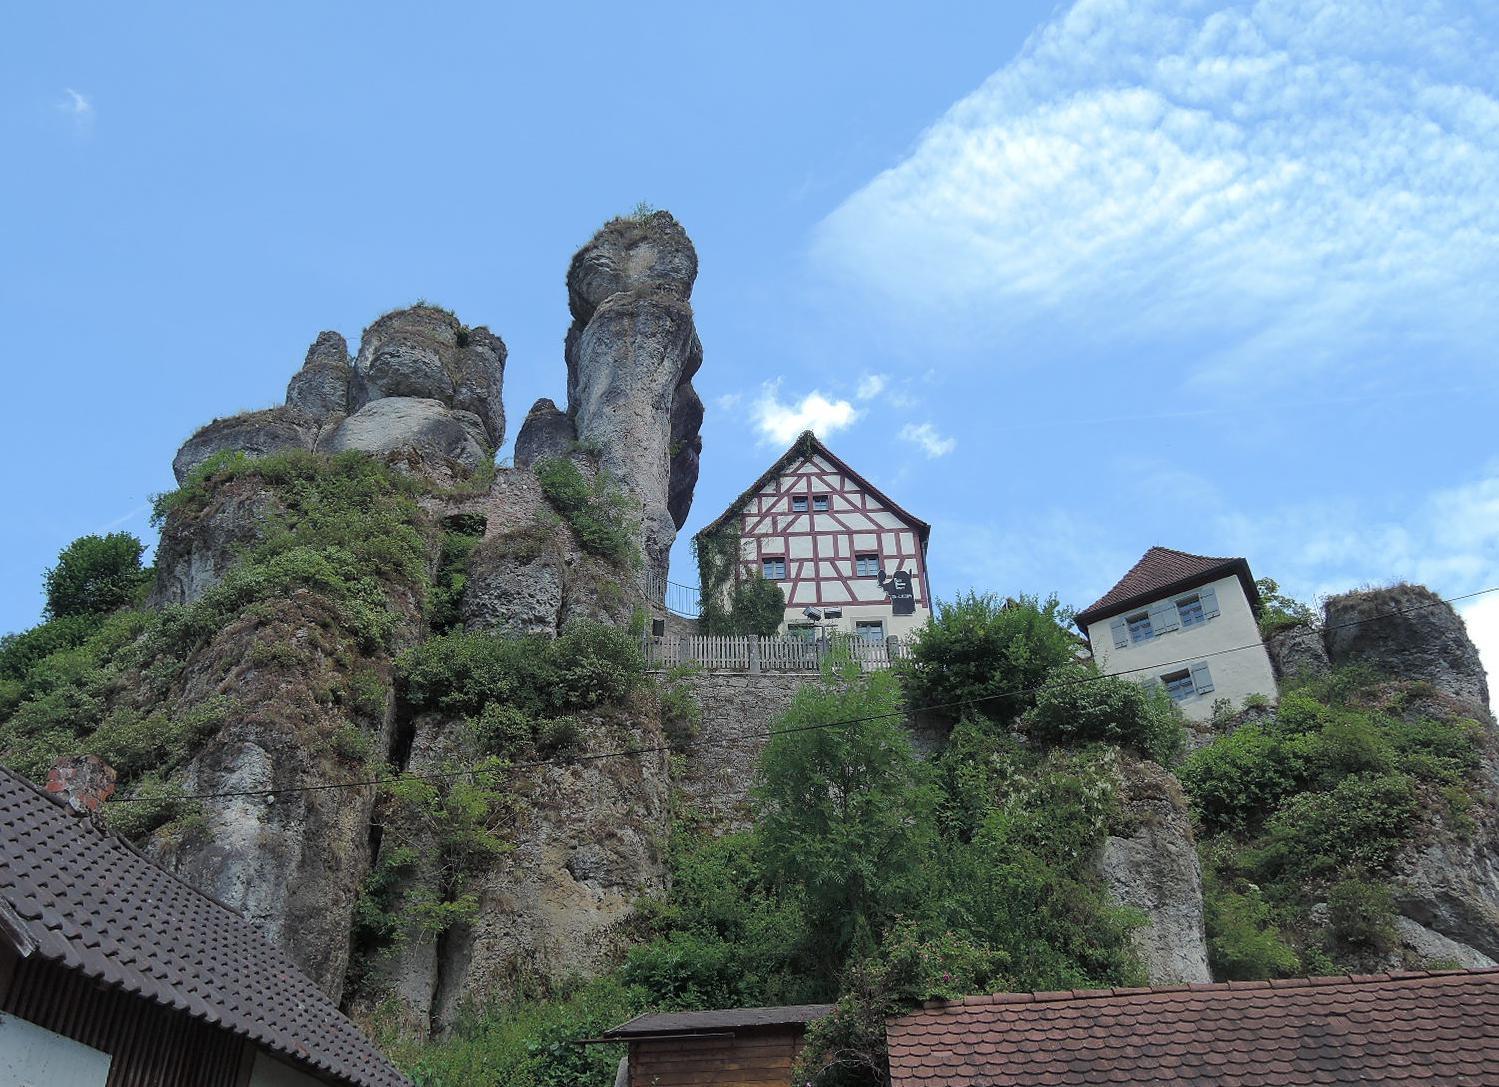 El peculiar entorno rocoso de Tuchersfeld